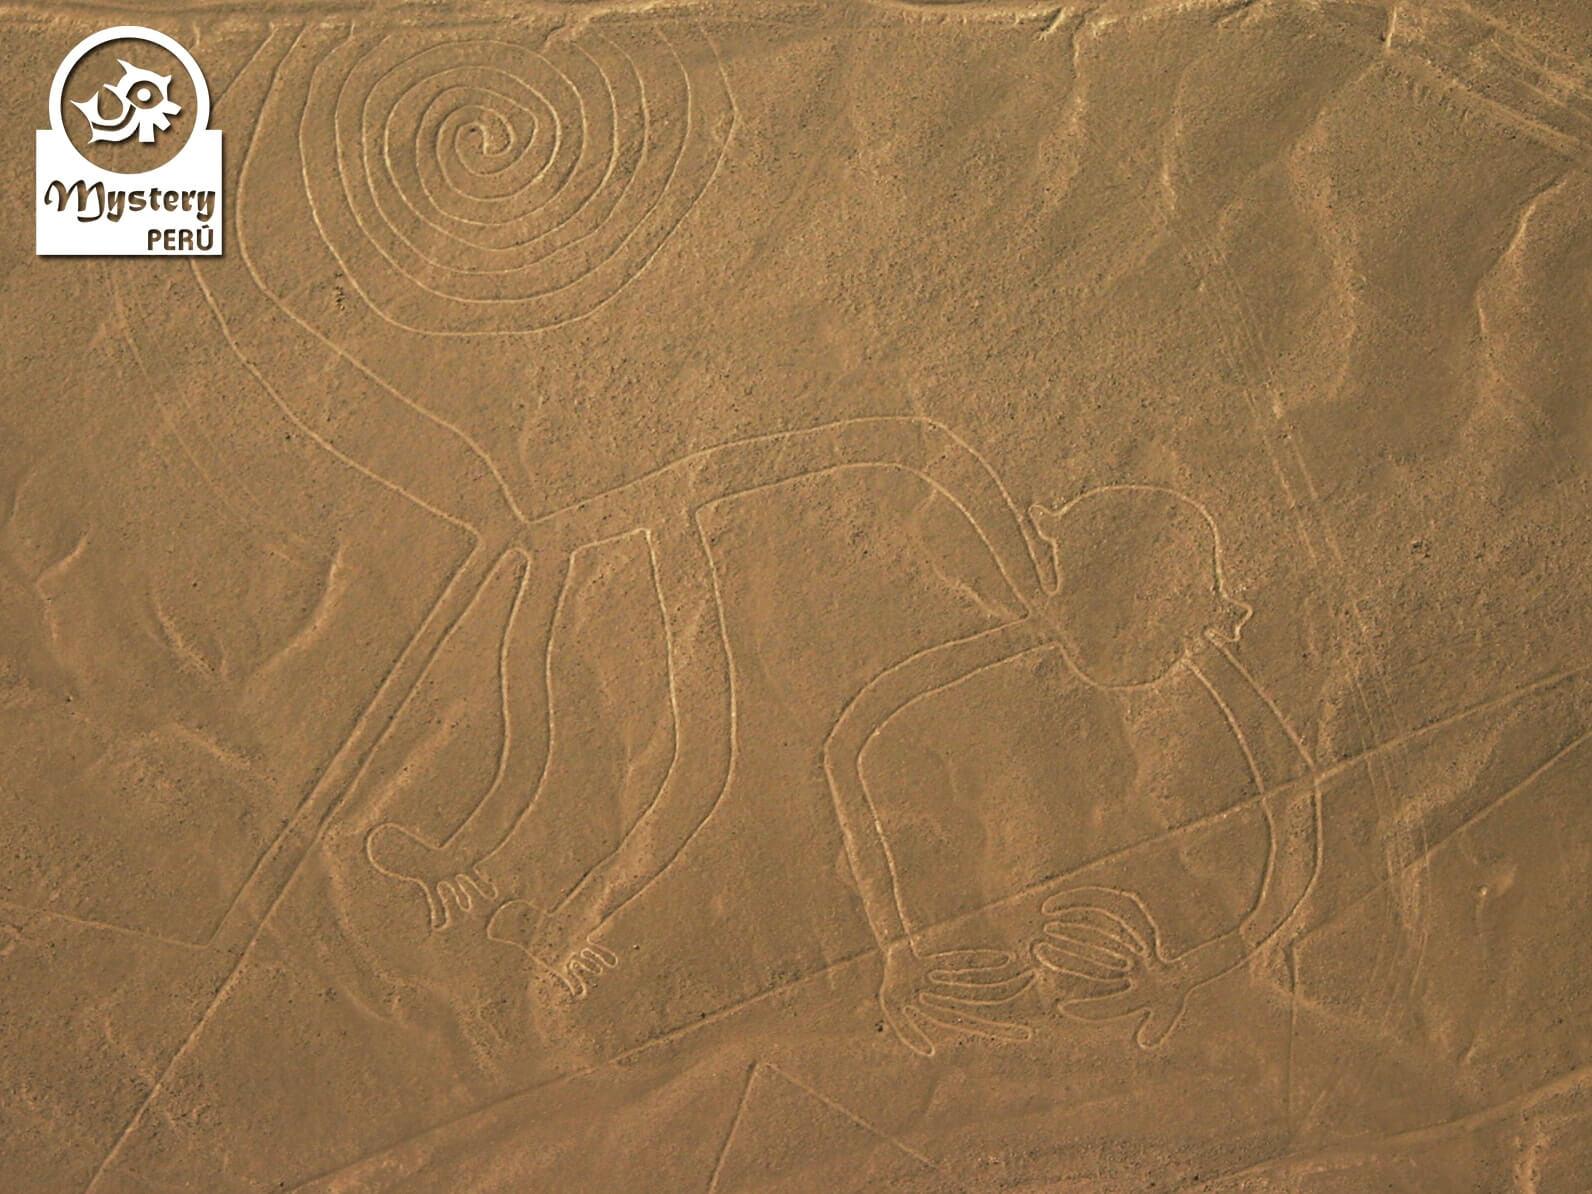 Excursão para as Linhas de Nazca de Lima